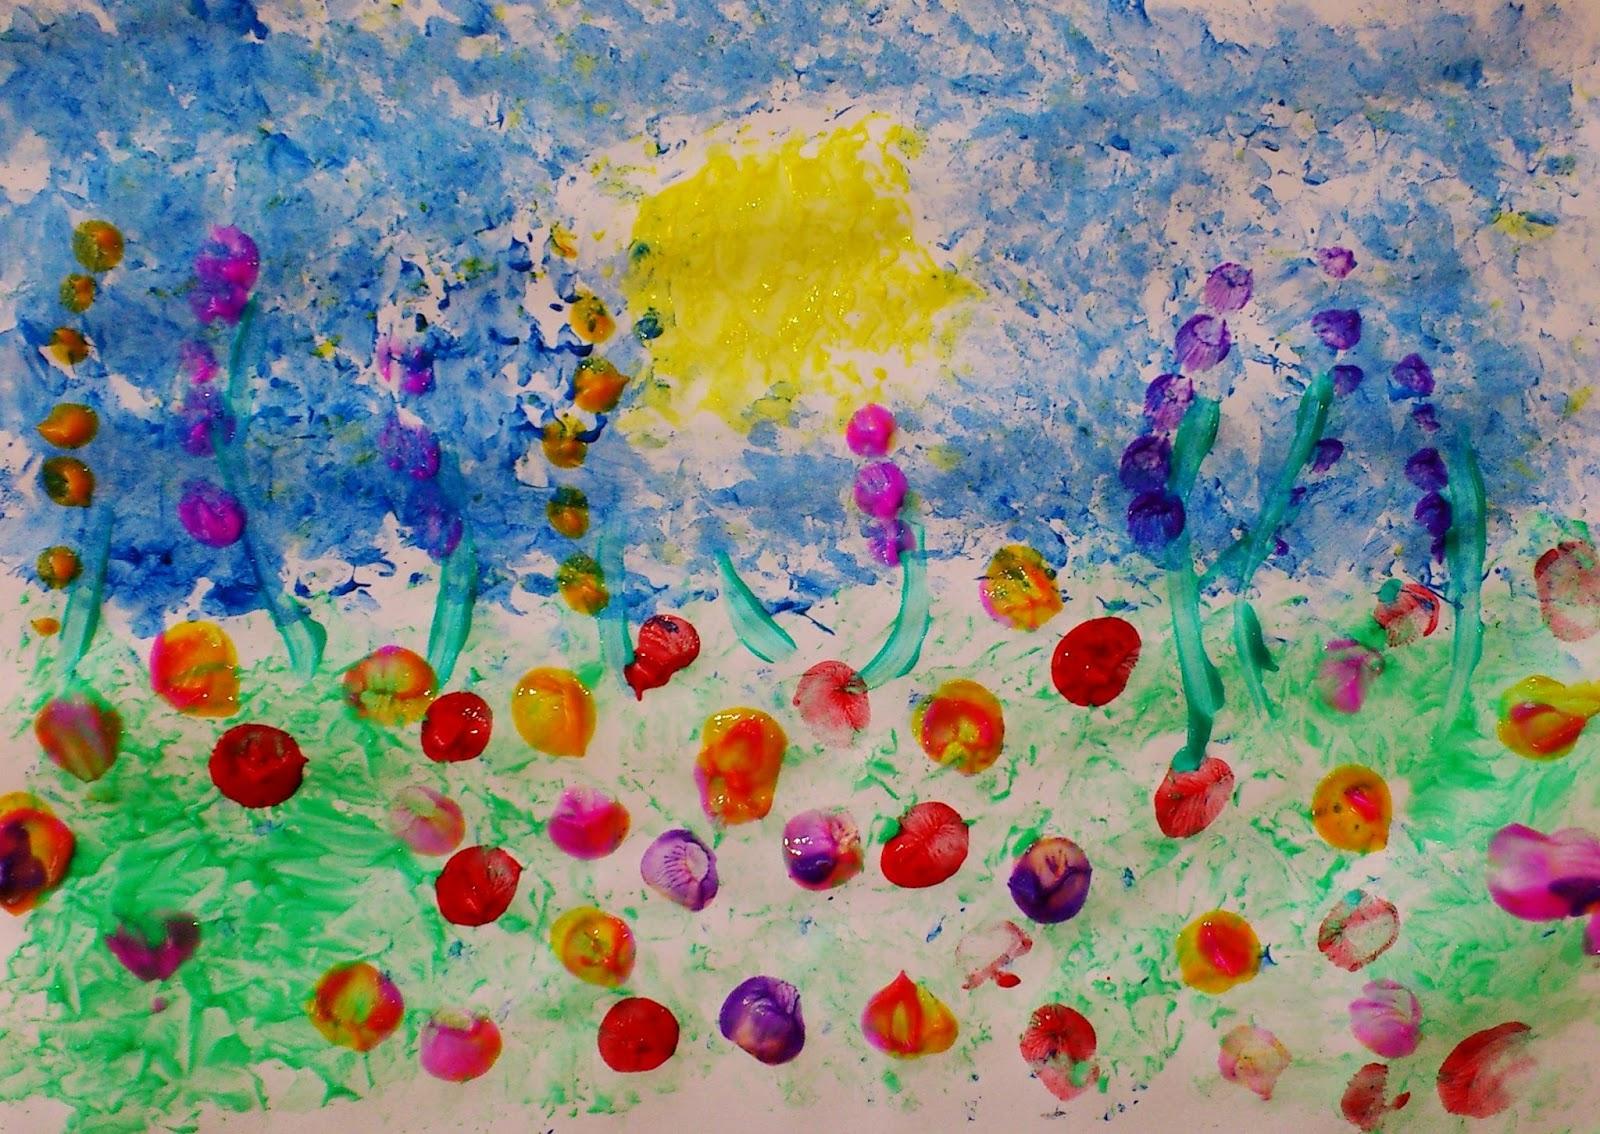 Câmp cu flori - pictură fără pensulă dactilopictură